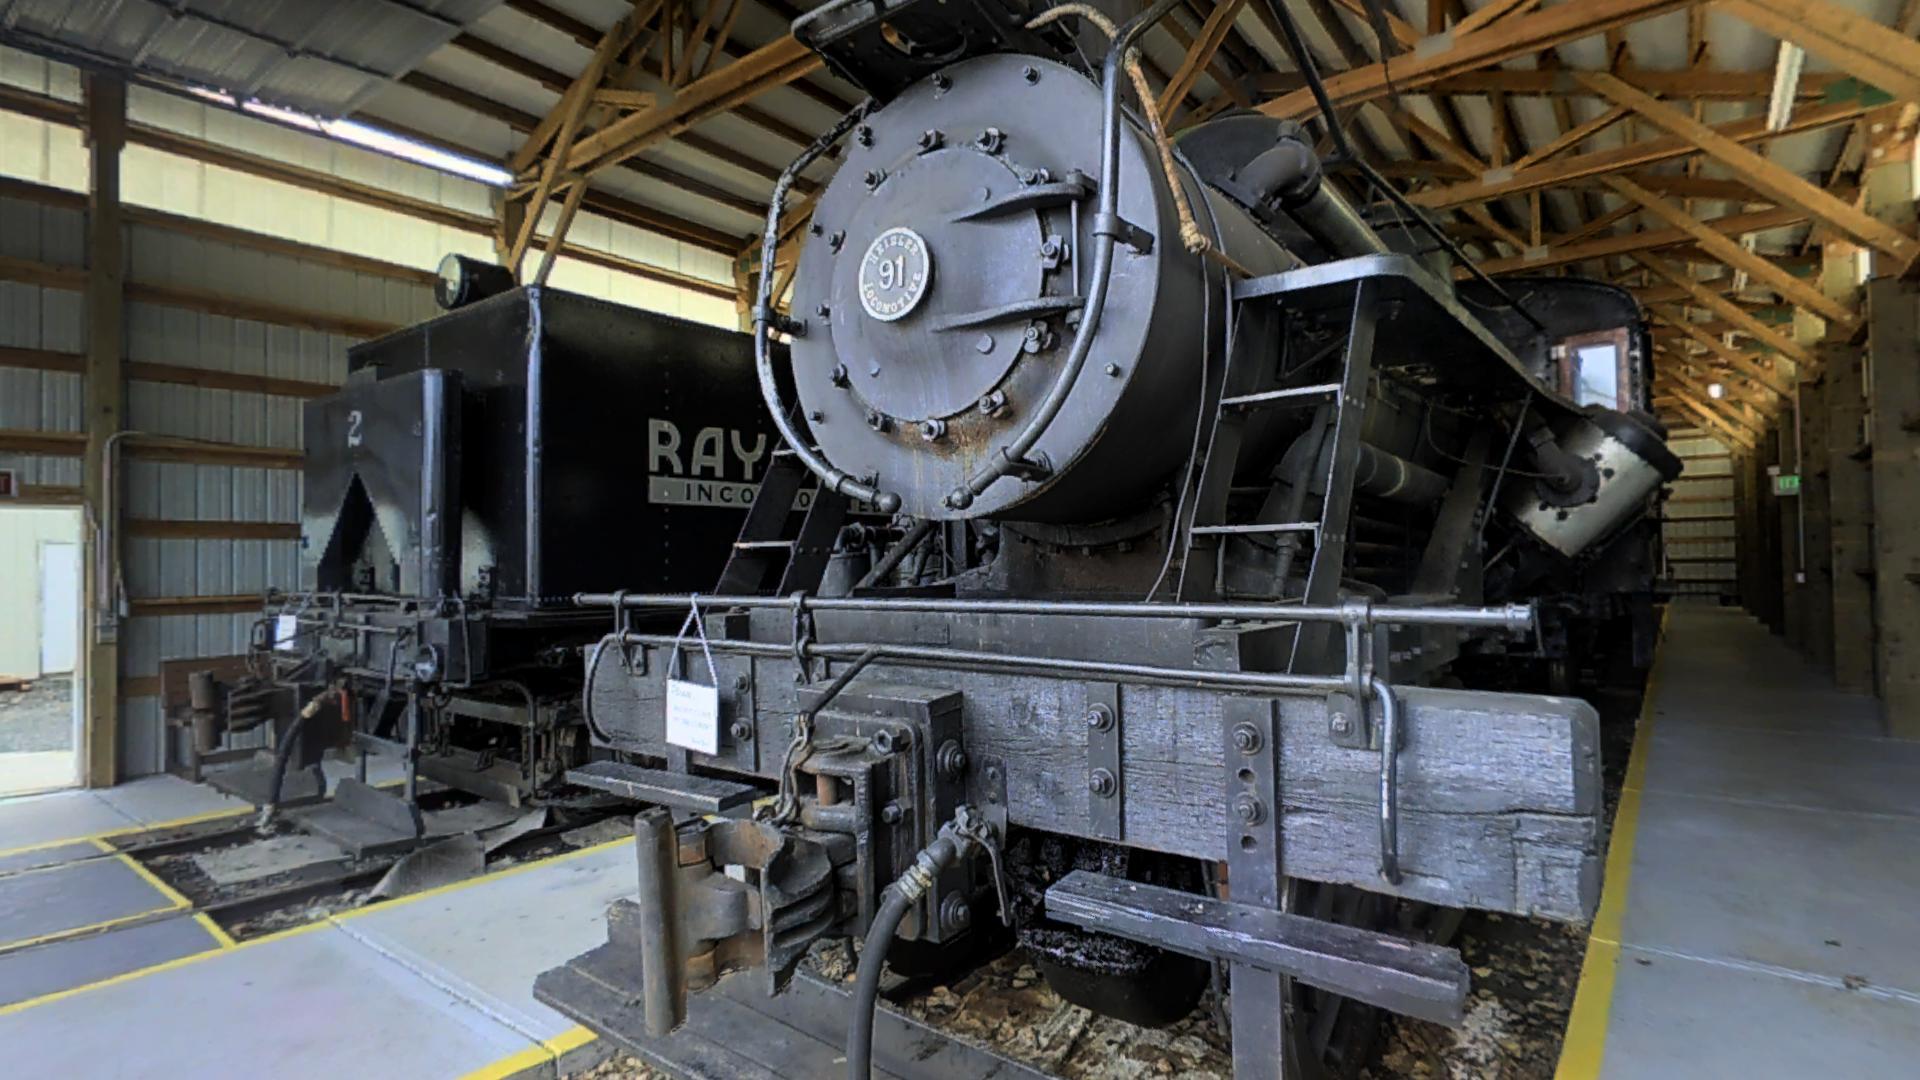 Mt. Rainer Railroad & Logging Museum